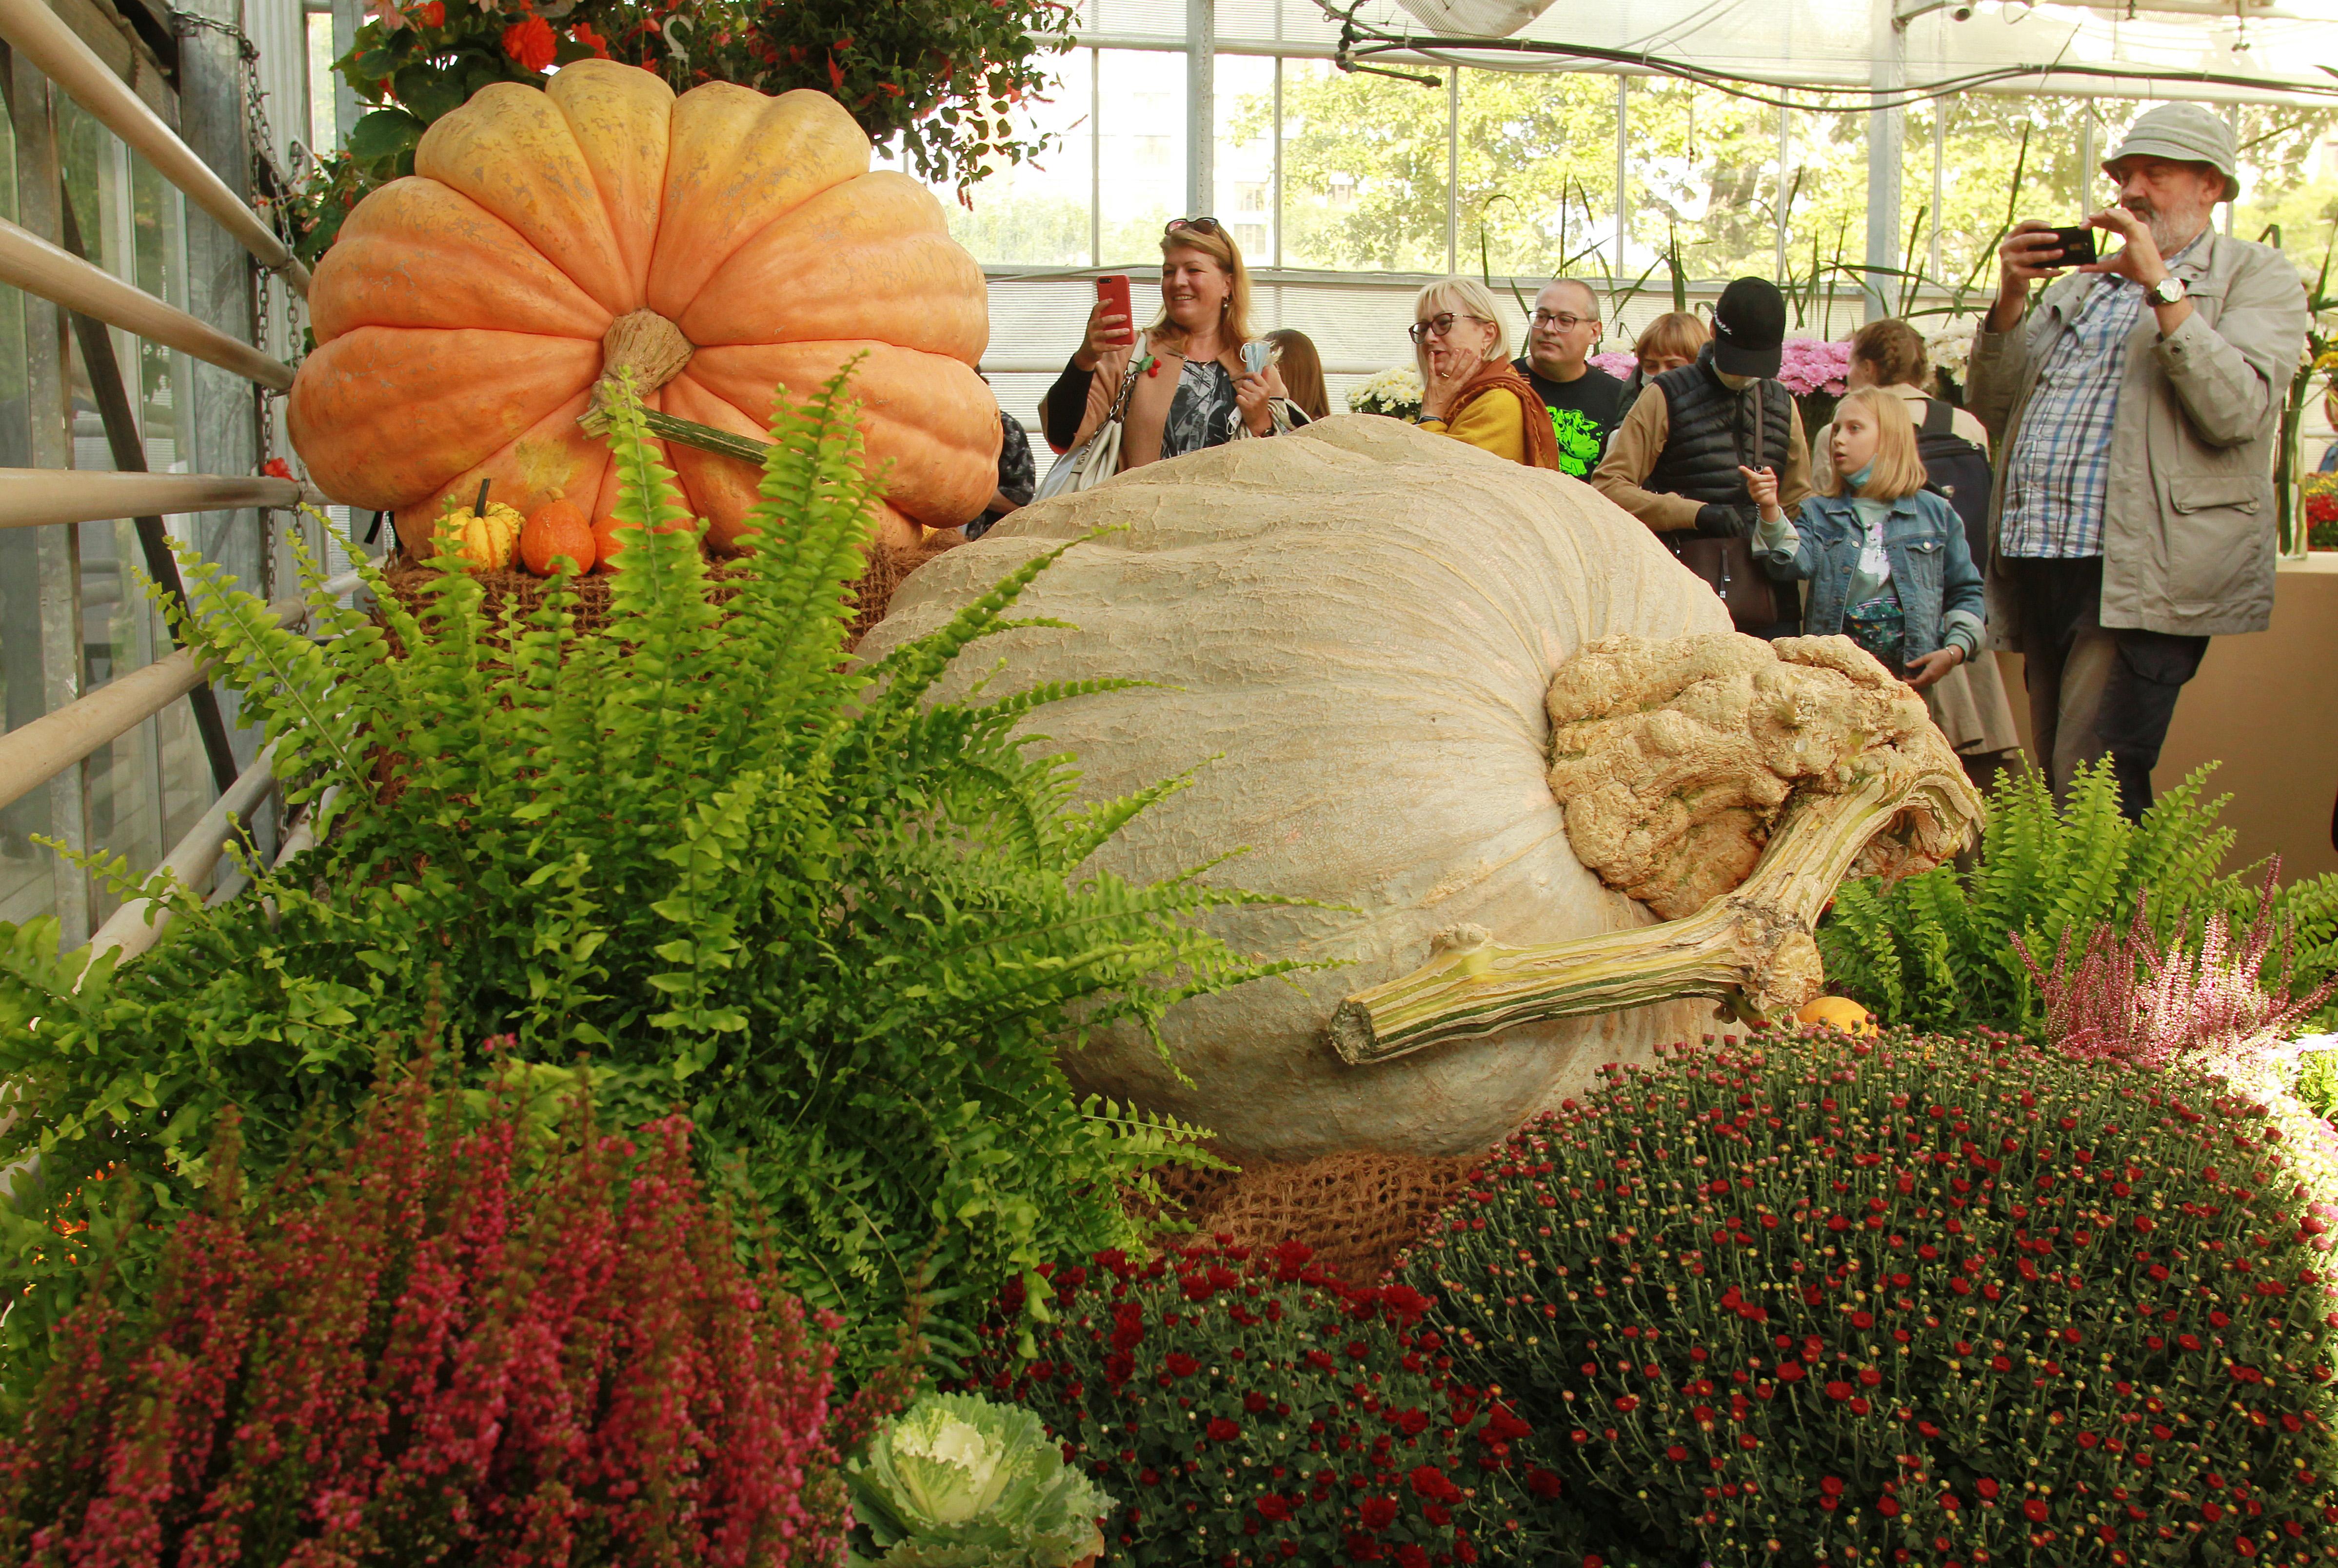 13 сентября 2020 года. На ежегодном фестивале «Краски осени» в Ботаническом саду «Аптекарский огород» (Мещанский район) представили разнообразные тыквы, самые большие из которых весят около 400 килограммов. Фото: Наталия Нечаева, «Вечерняя Москва»